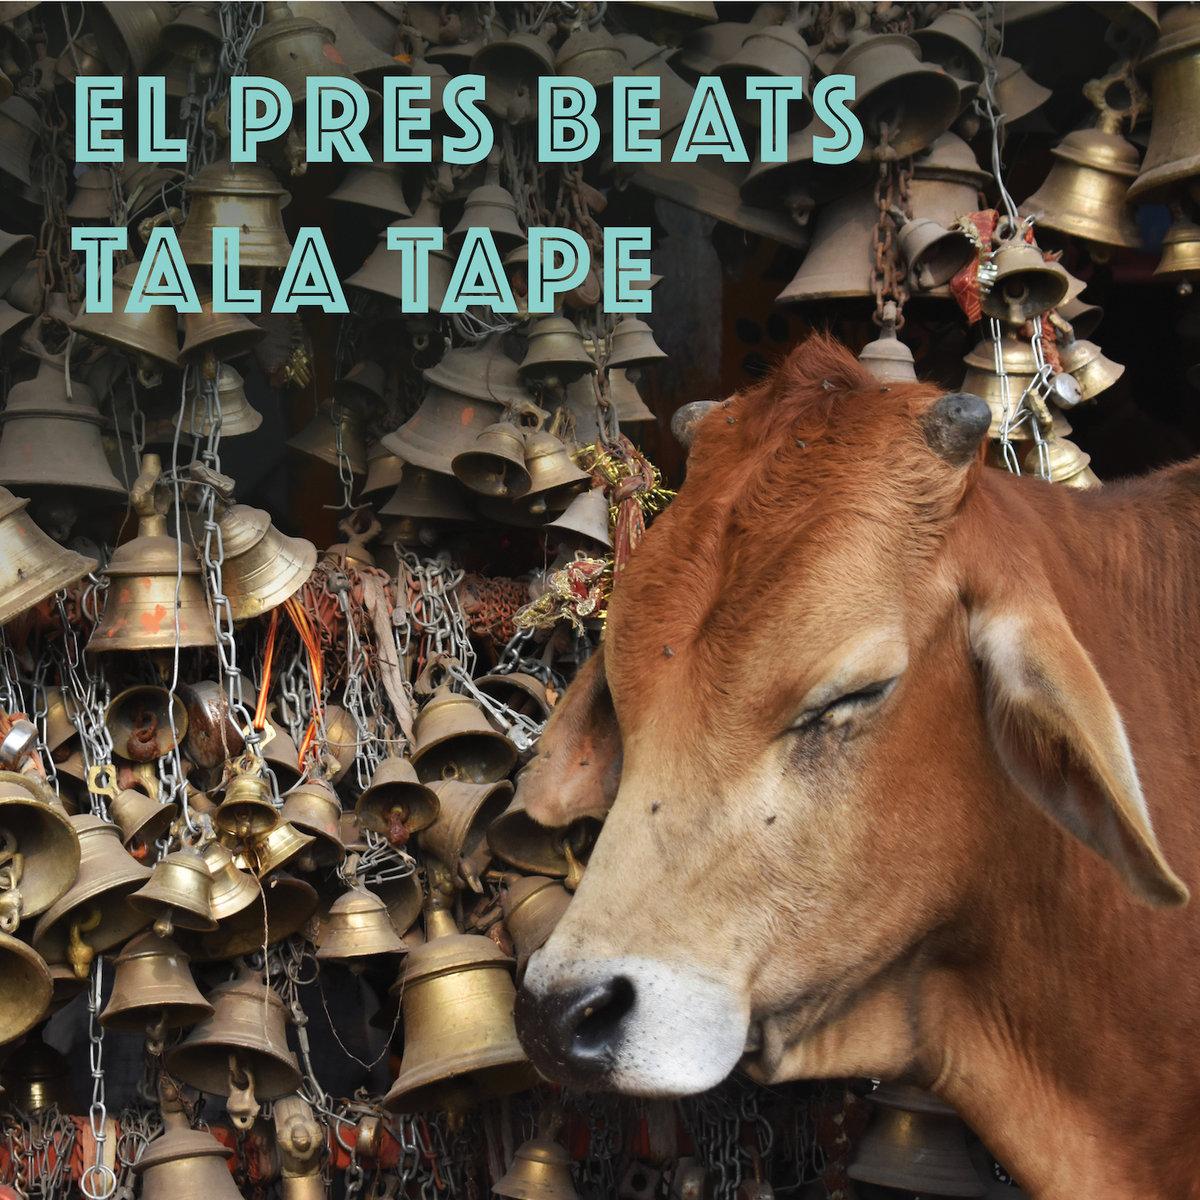 A Crate Digging Trip Through India by Dutch producer El Pres Beats